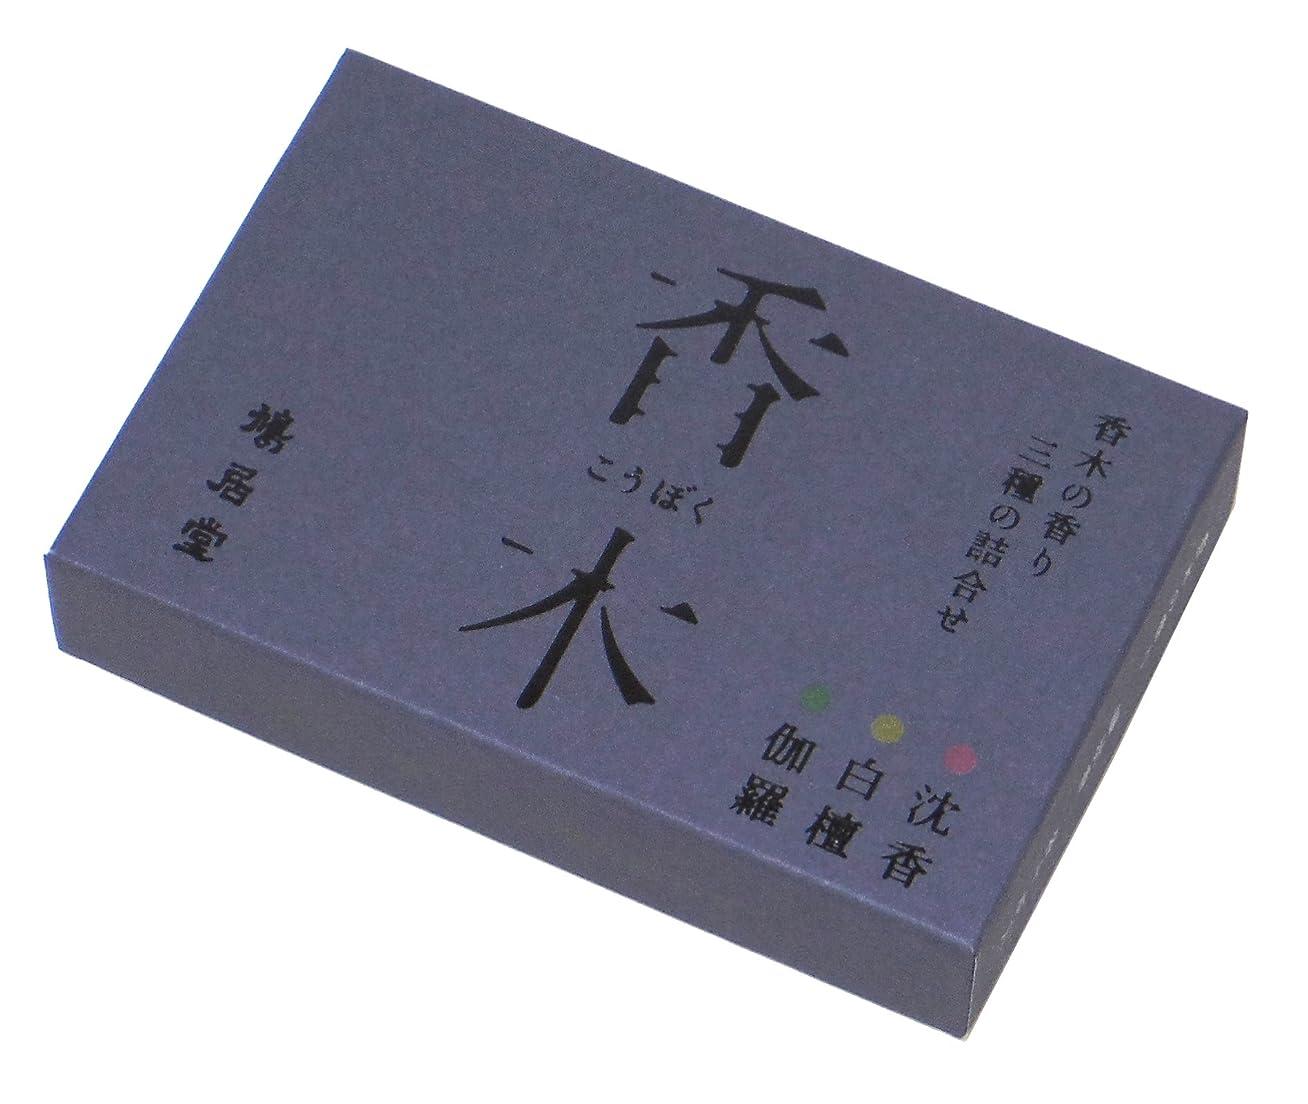 子孫ホイール不健康鳩居堂のお香 香木の香り3種セット 3種類各10本入 6cm 香立入